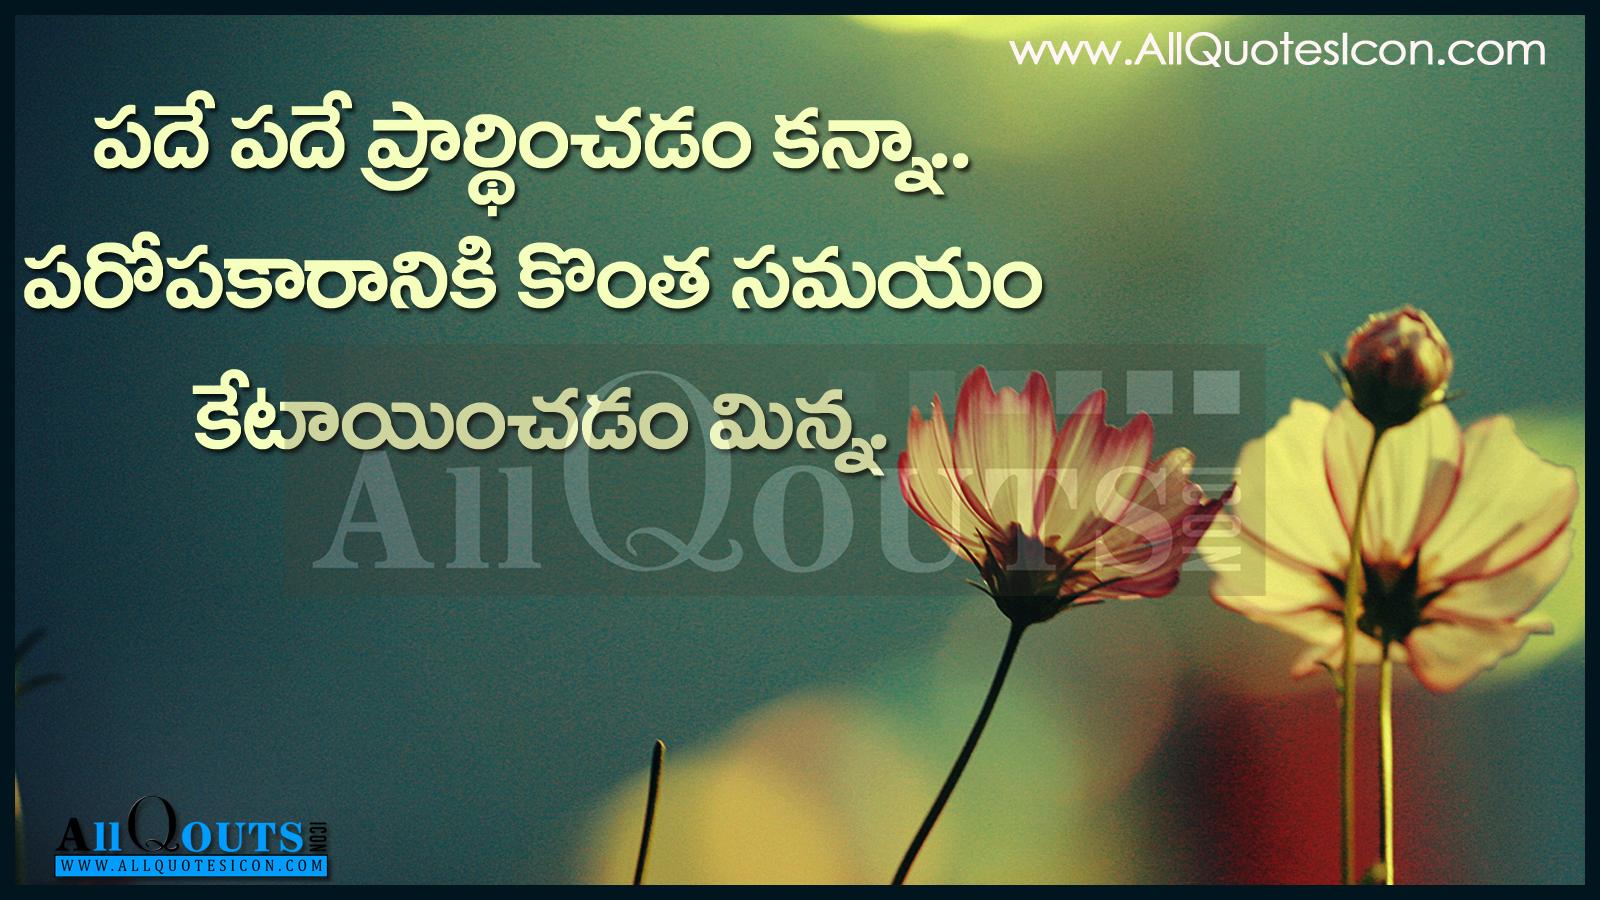 telugu quotes telugu good night quotations telugu friendship quotes